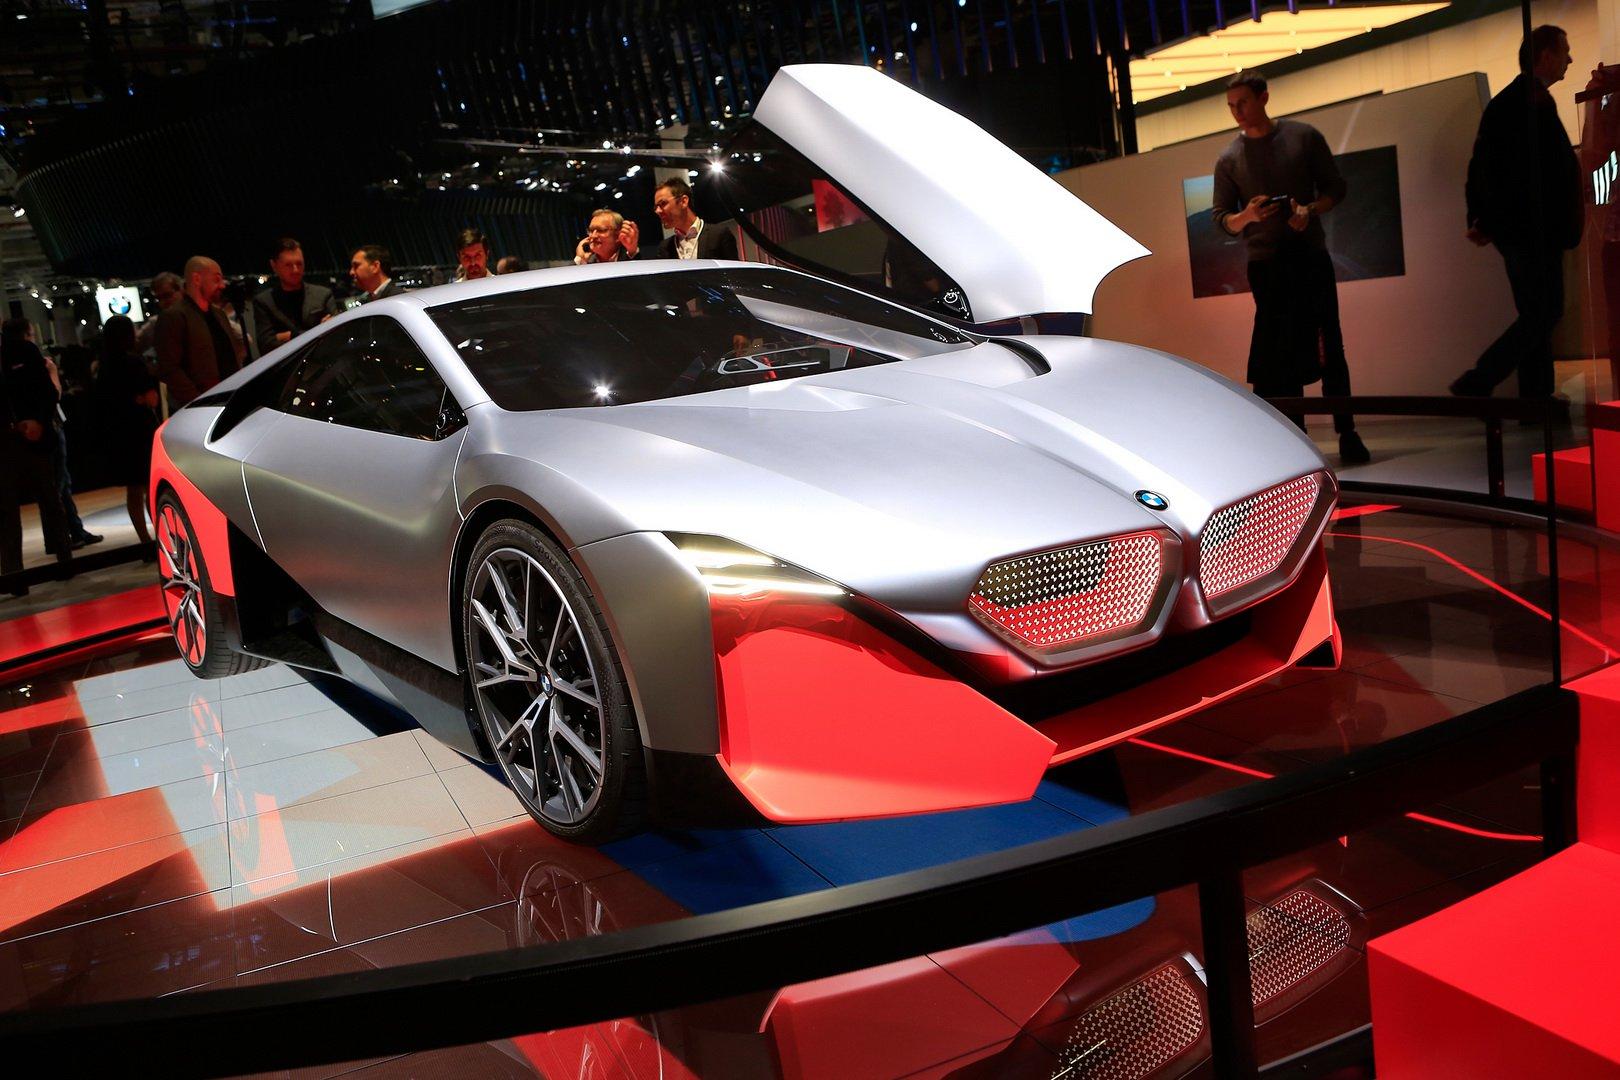 На Frankfurt Motor Show 2019 баварский автопроизводитель BMW презентовал концептуальный Vision M Next, призванный показать, как будут развиваться М-модели бренда в будущем.